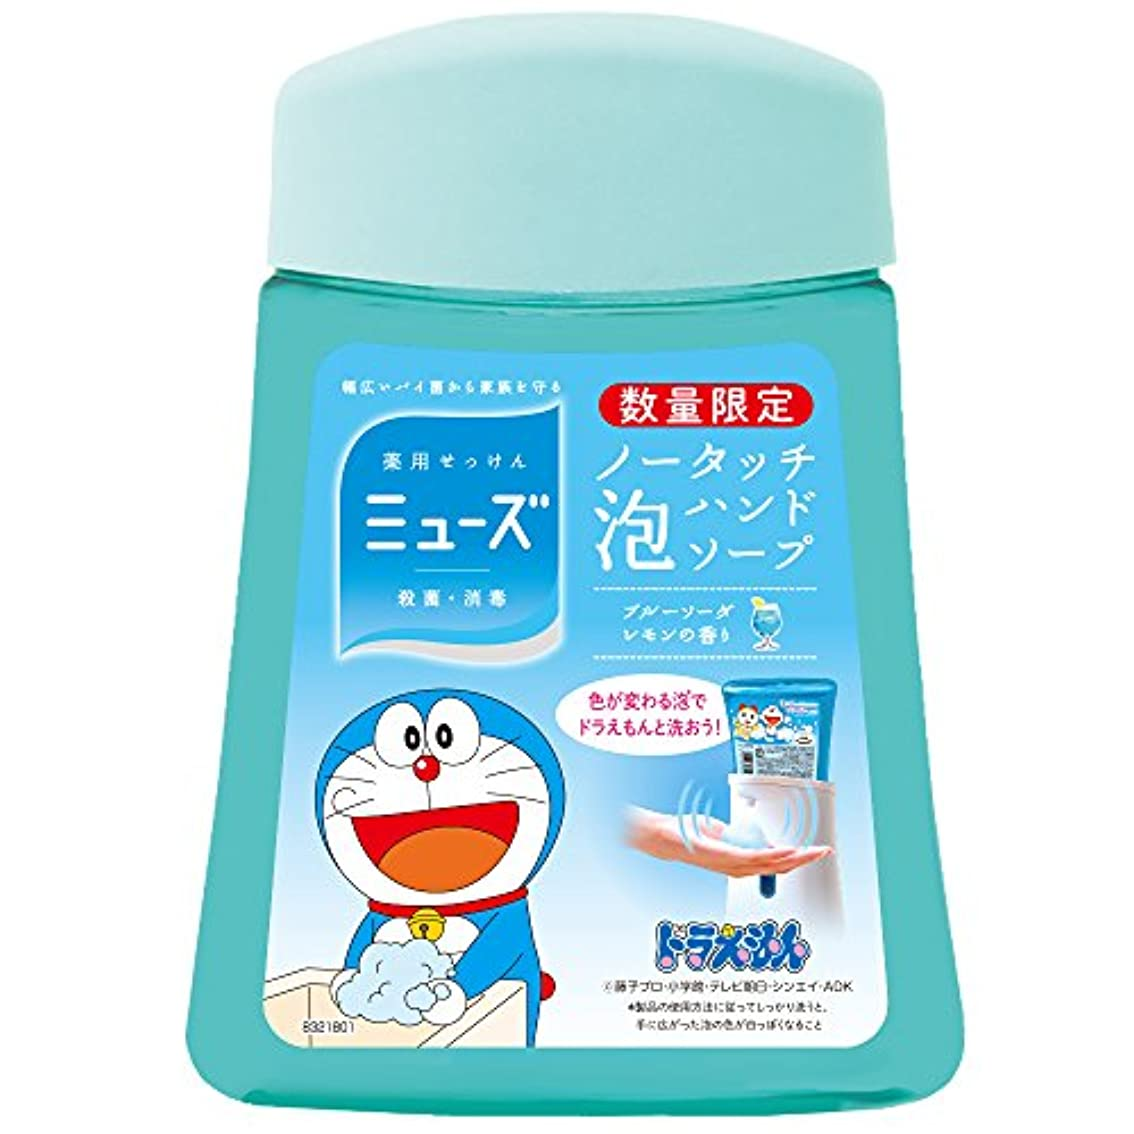 【医薬部外品】ミューズ ドラえもん ノータッチ 泡 ハンドソープ 詰め替え ブルーソーダレモン 250mL